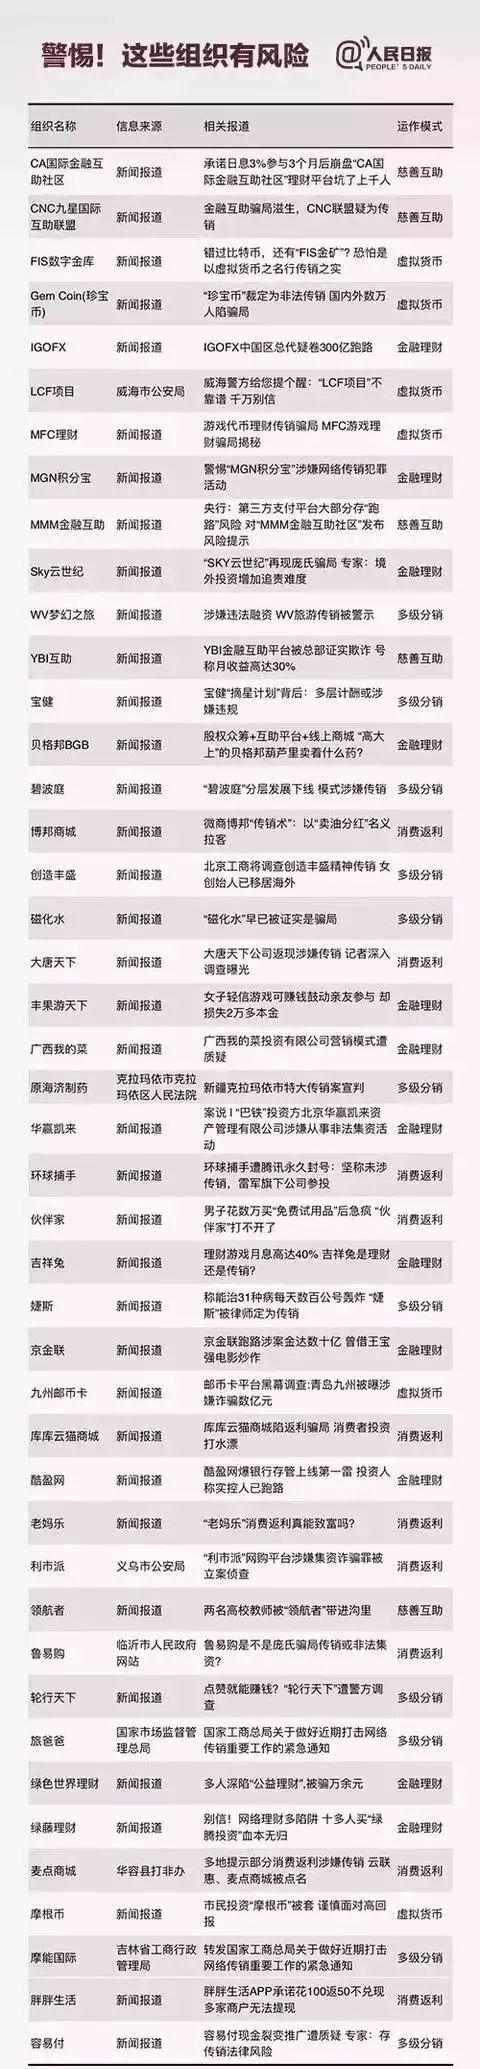 """现场视频曝光!广东20多名""""富婆""""被抓,她们都来自这些组织!插图52"""